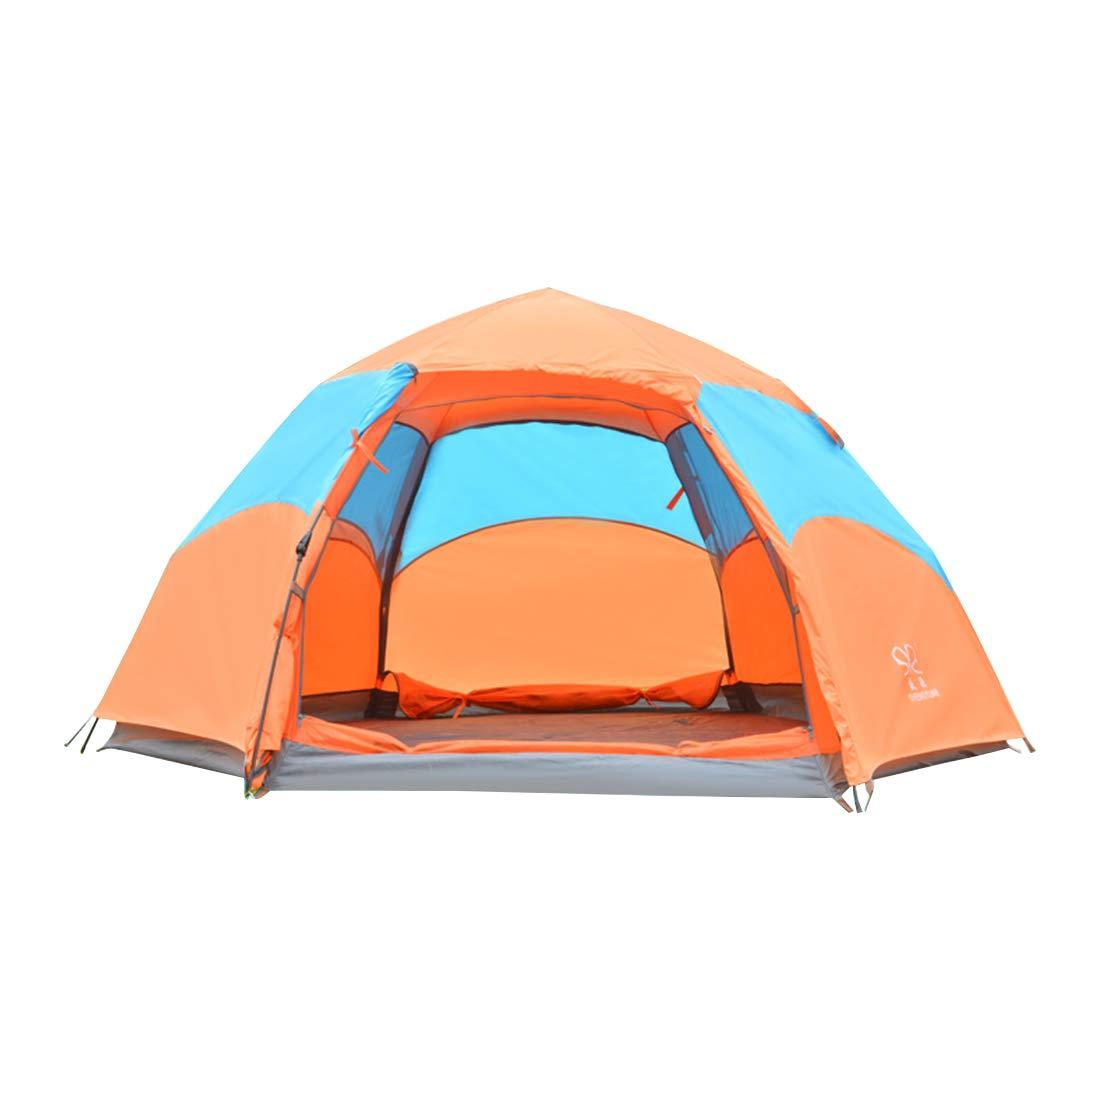 Kunliyin YY1 Zelt mit 3 oder 4 Personen für im Freien kampierendes regendichtes Zelt